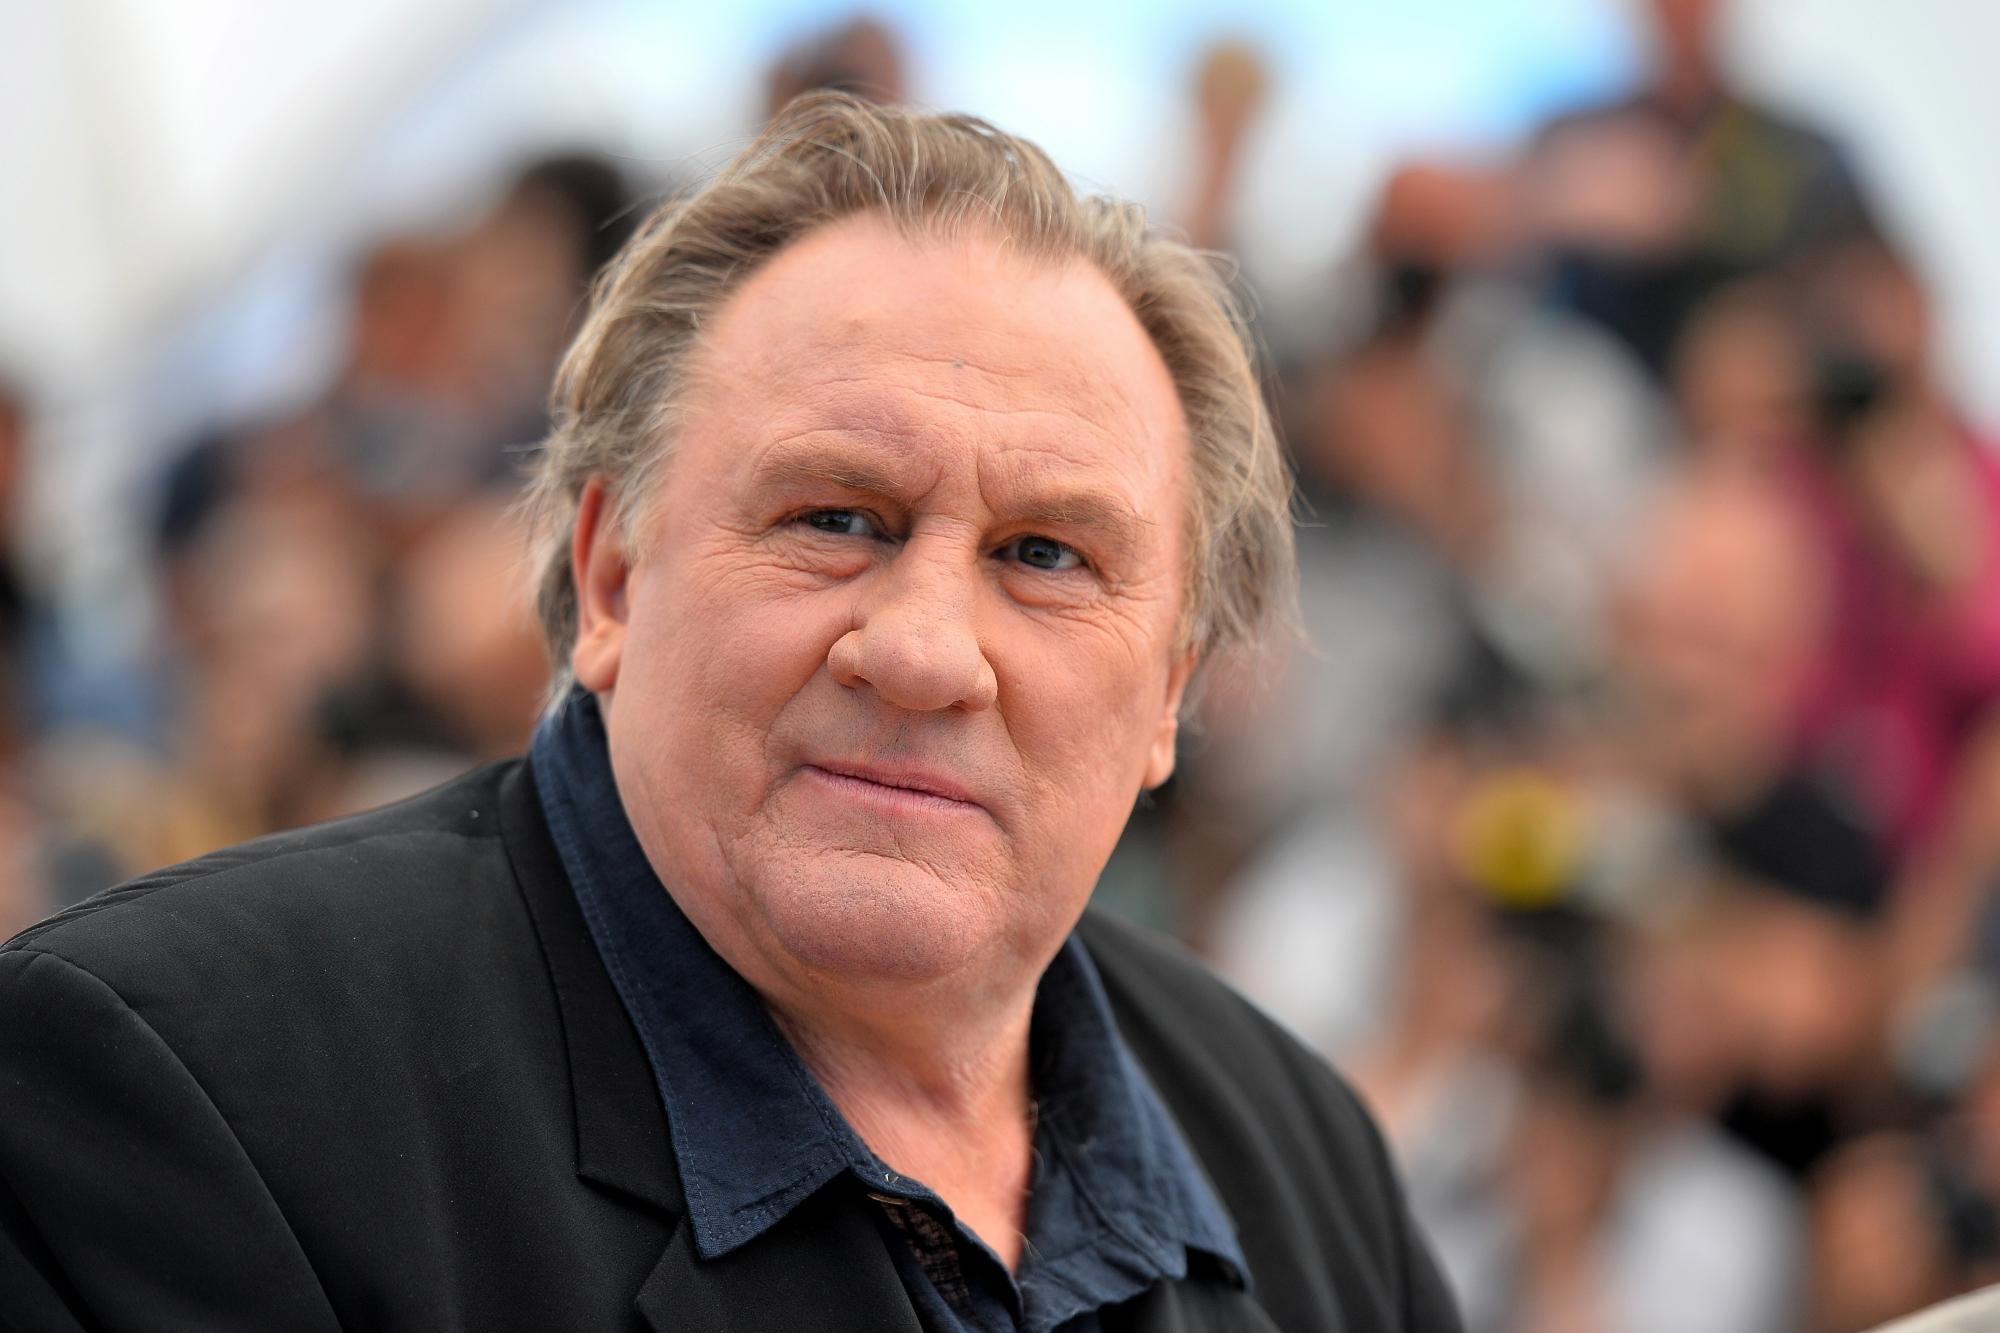 Quand Gérard Depardieu réclame 80 000 euros en cash pour un festival de cinéma